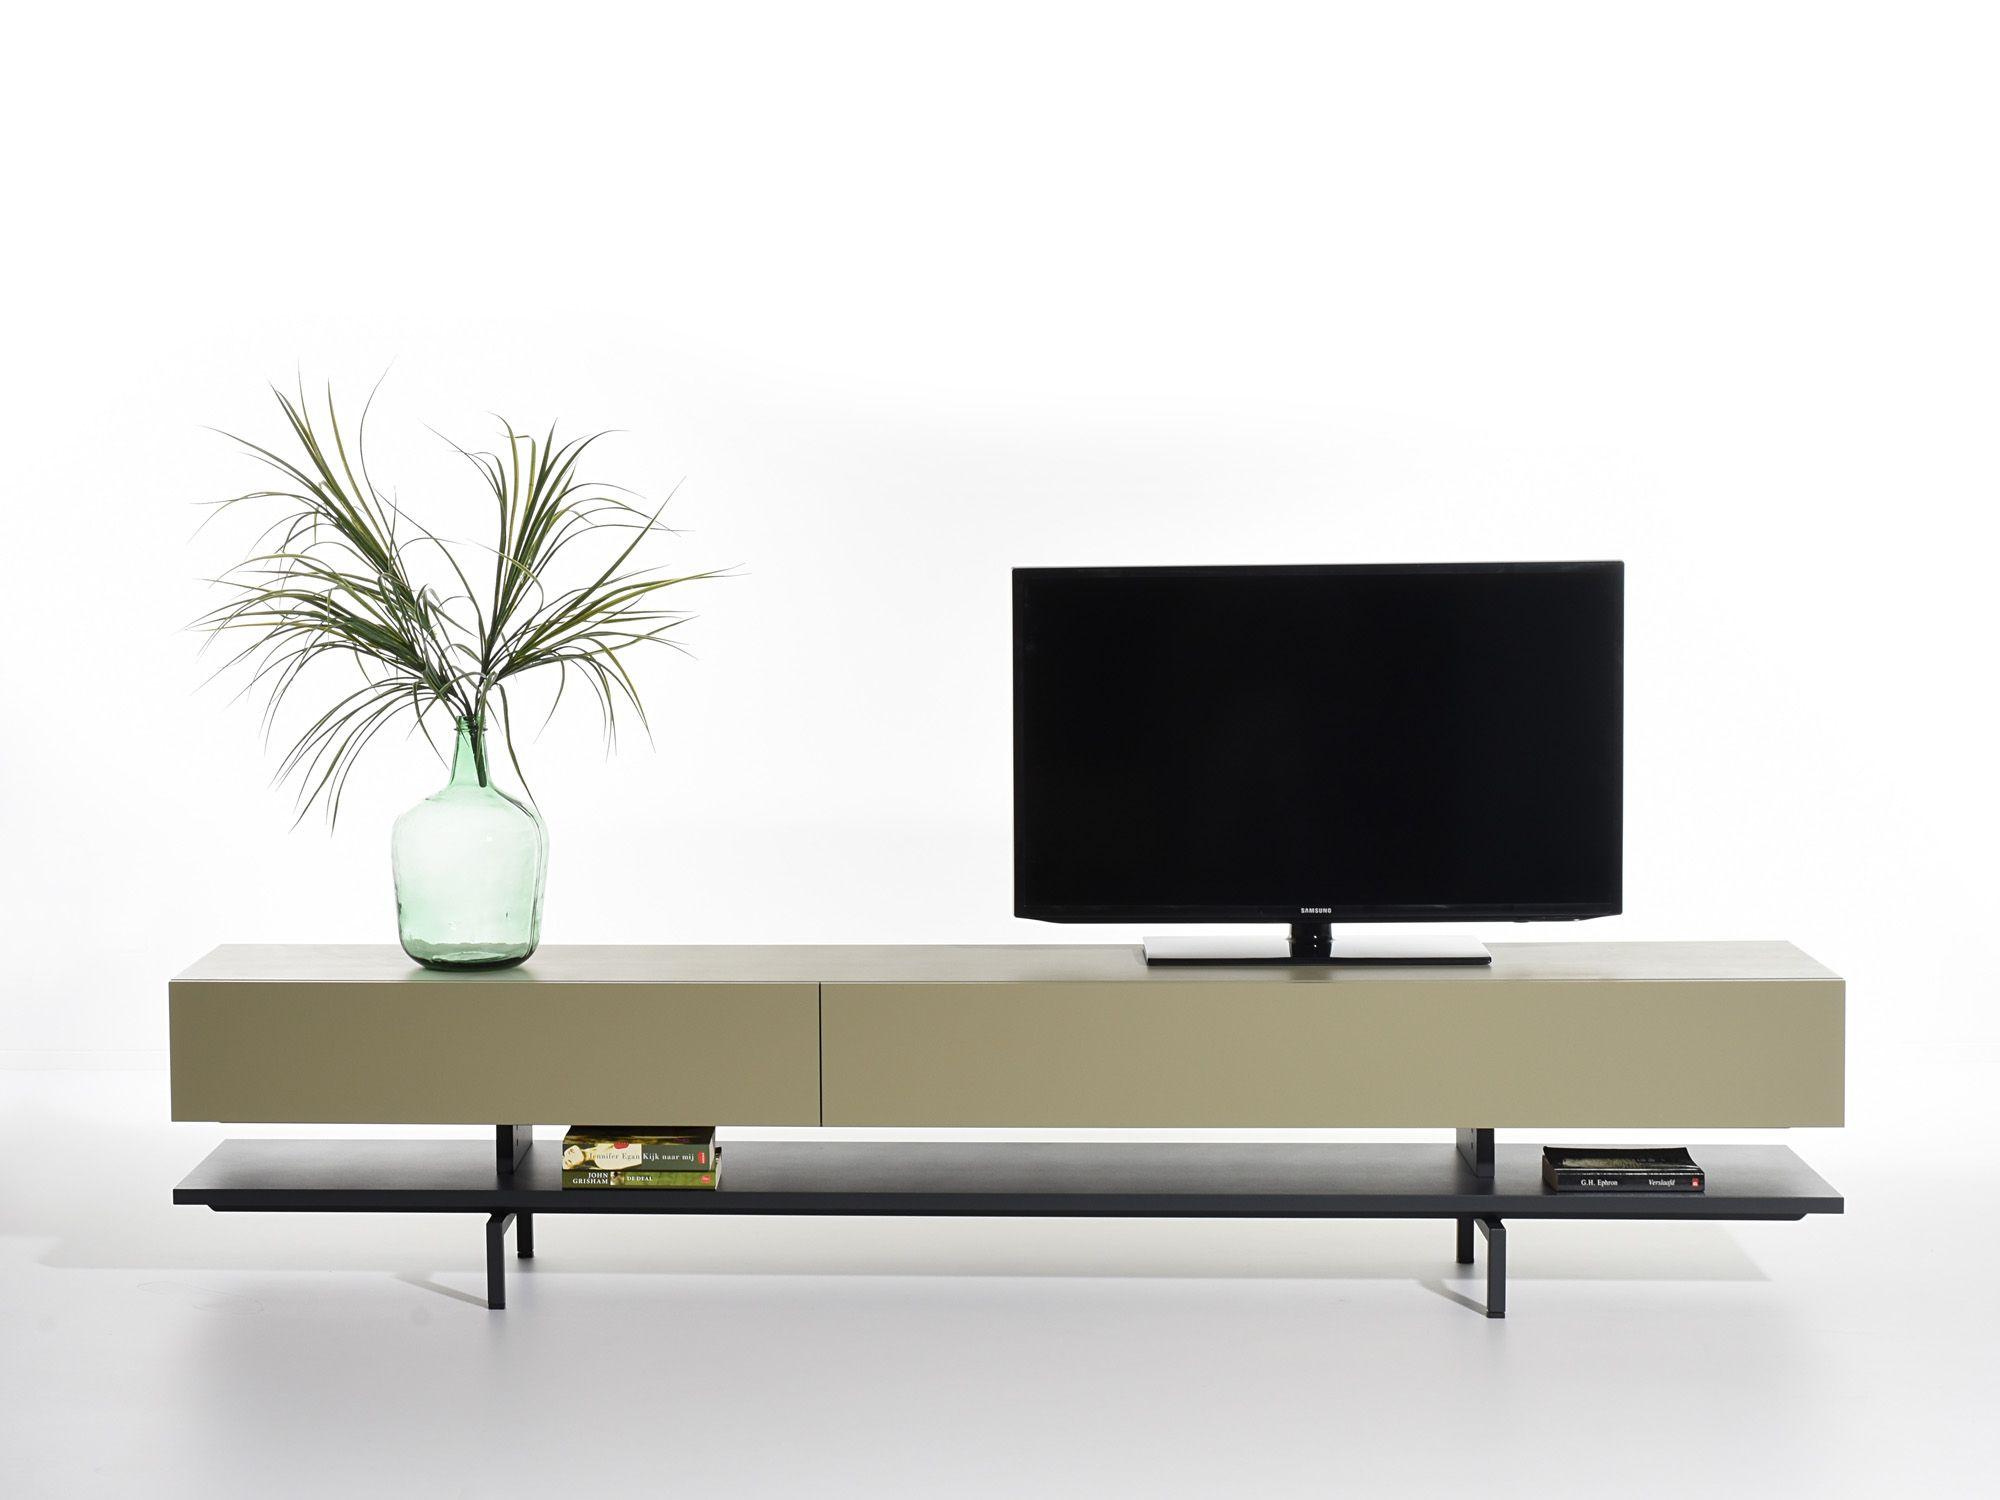 Tv Meubel Castelijn.Design By Castelijn Team Zithoek Huiskamer Woonkamer